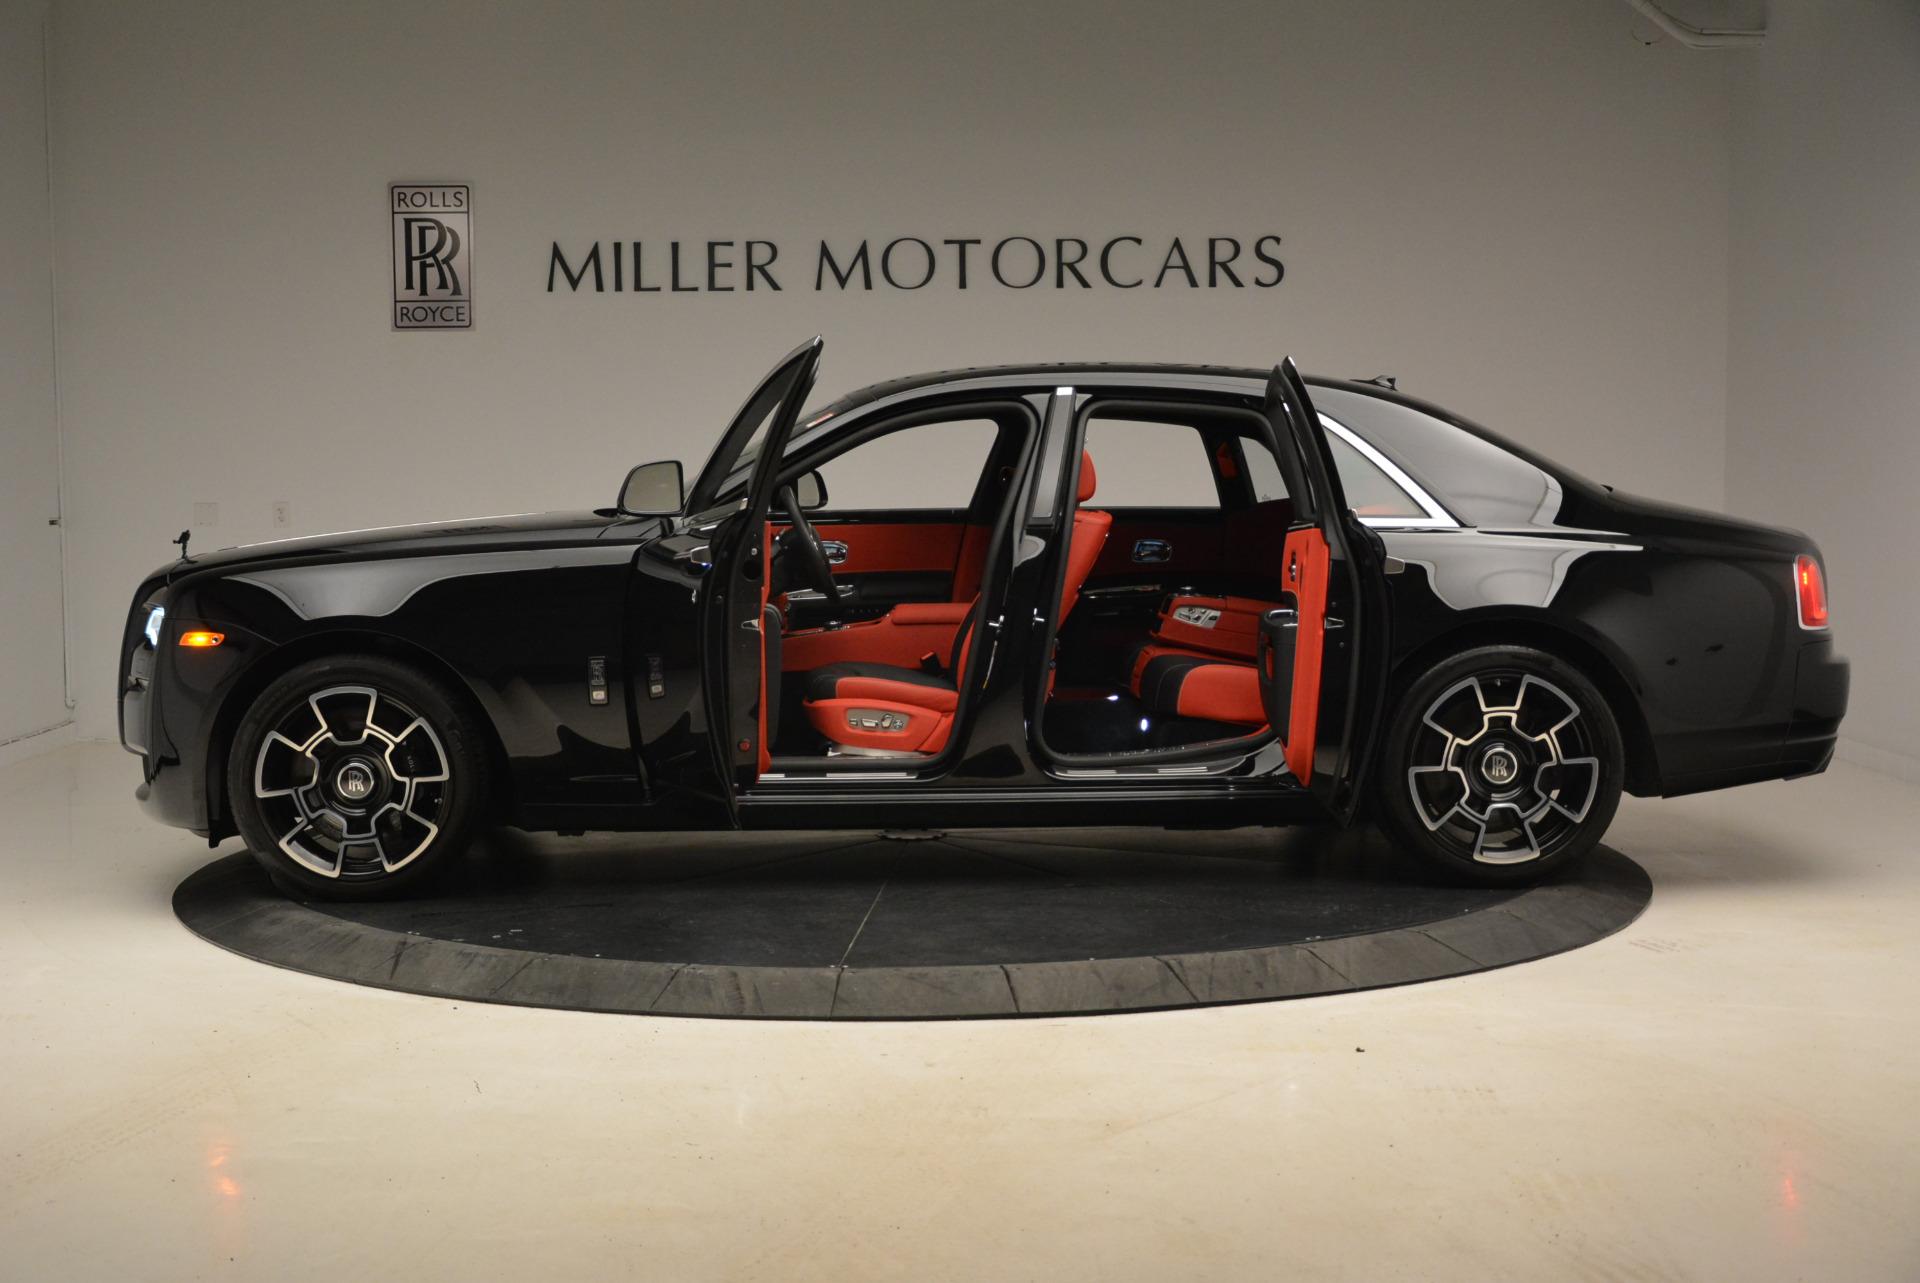 Used 2017 Rolls-Royce Ghost Black Badge For Sale In Westport, CT 2154_p3